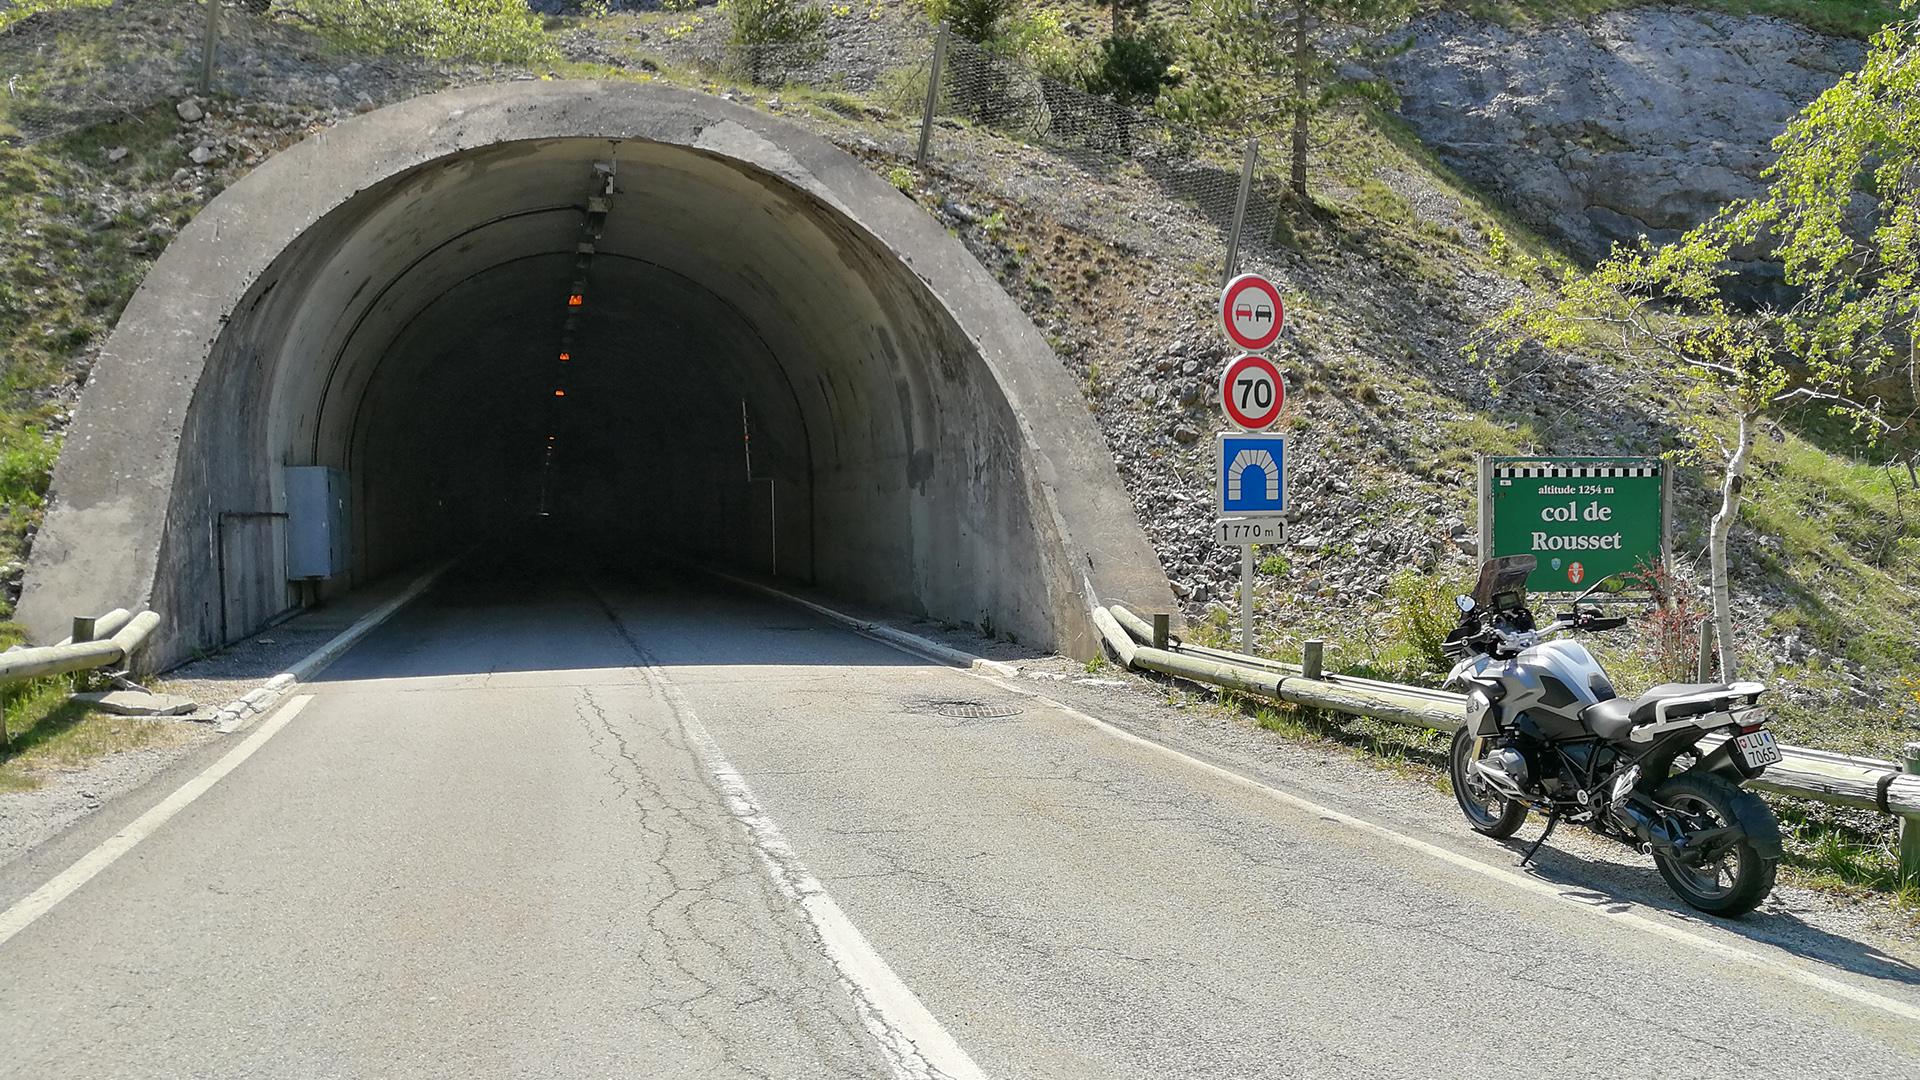 1254 - F - Col de Rousset